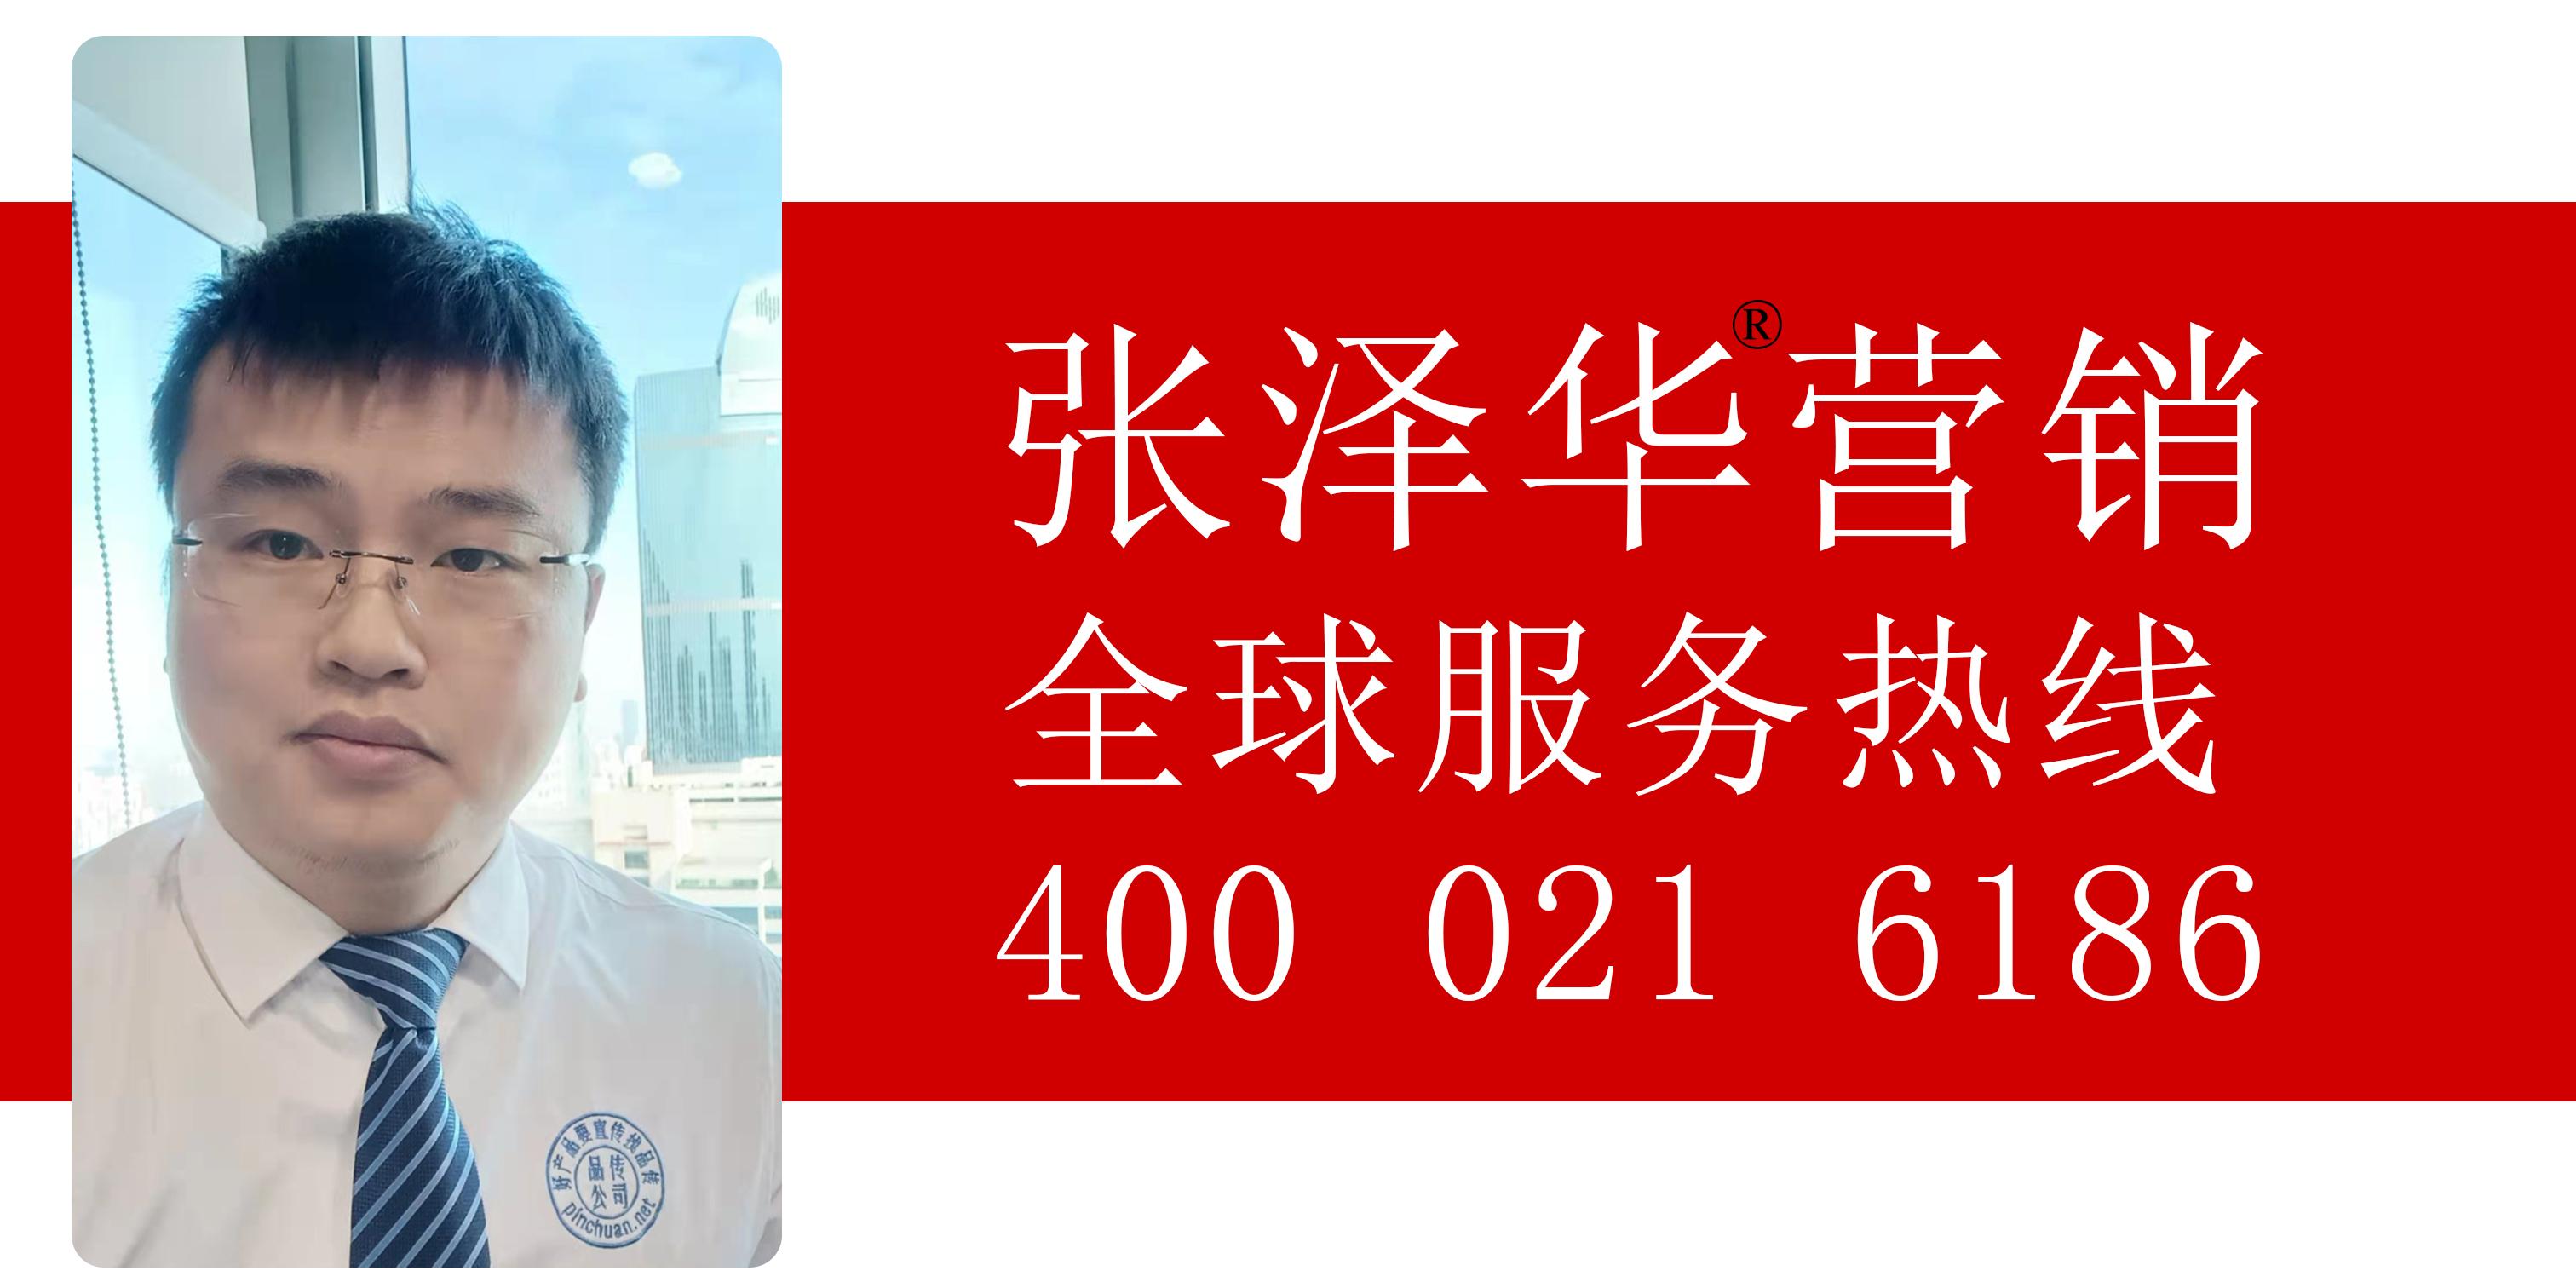 中国著名网络营销专家张泽华